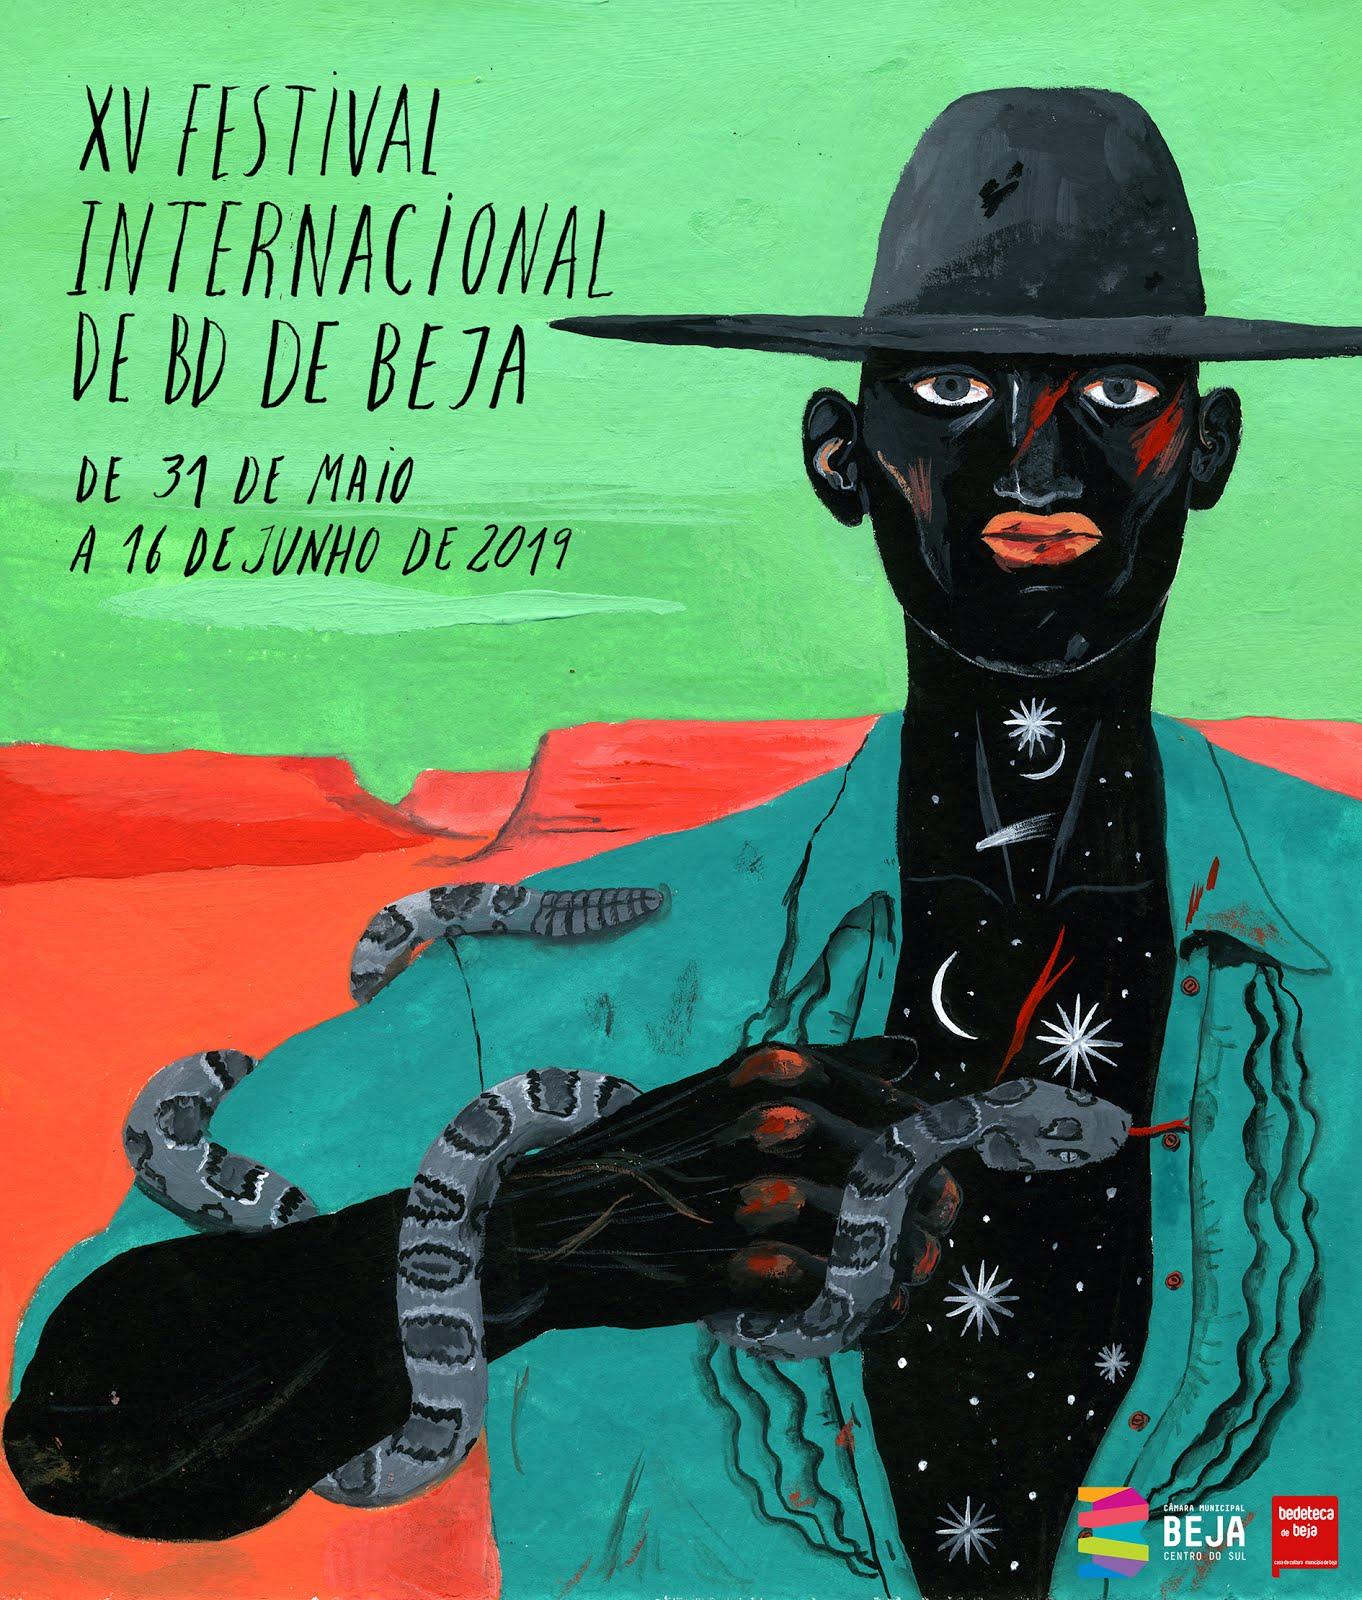 XV FESTIVAL DE BD DE BEJA